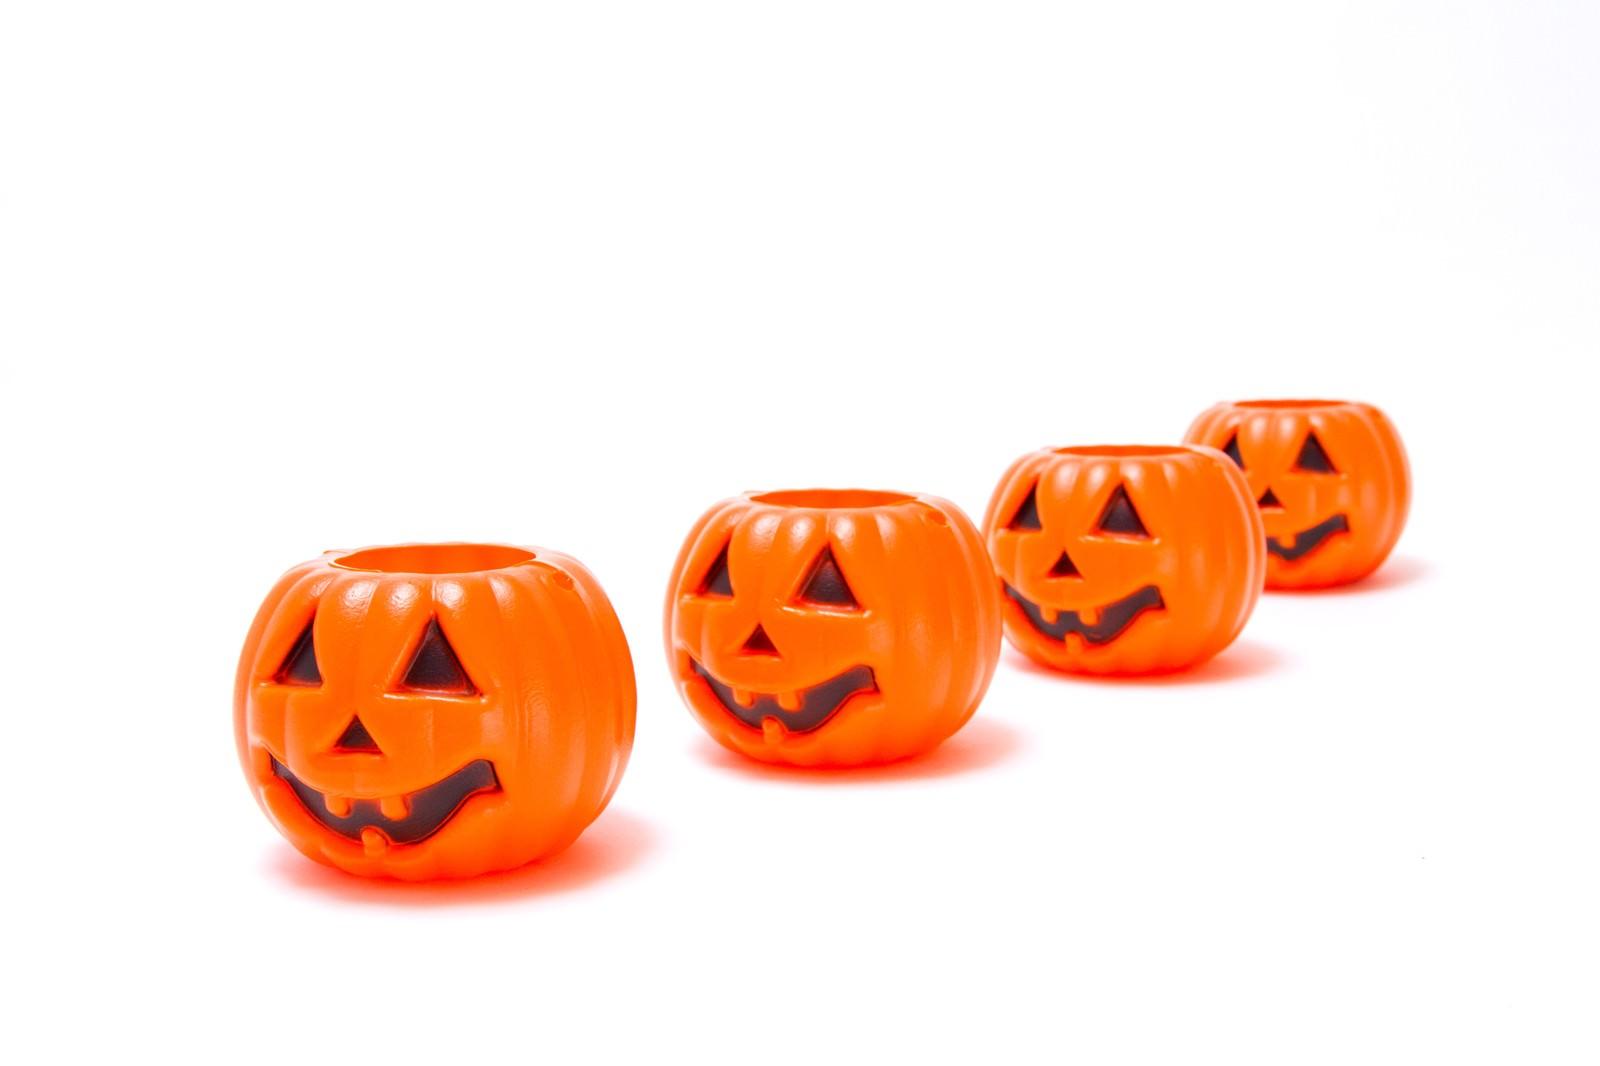 「列をなすハロウィンかぼちゃ」の写真